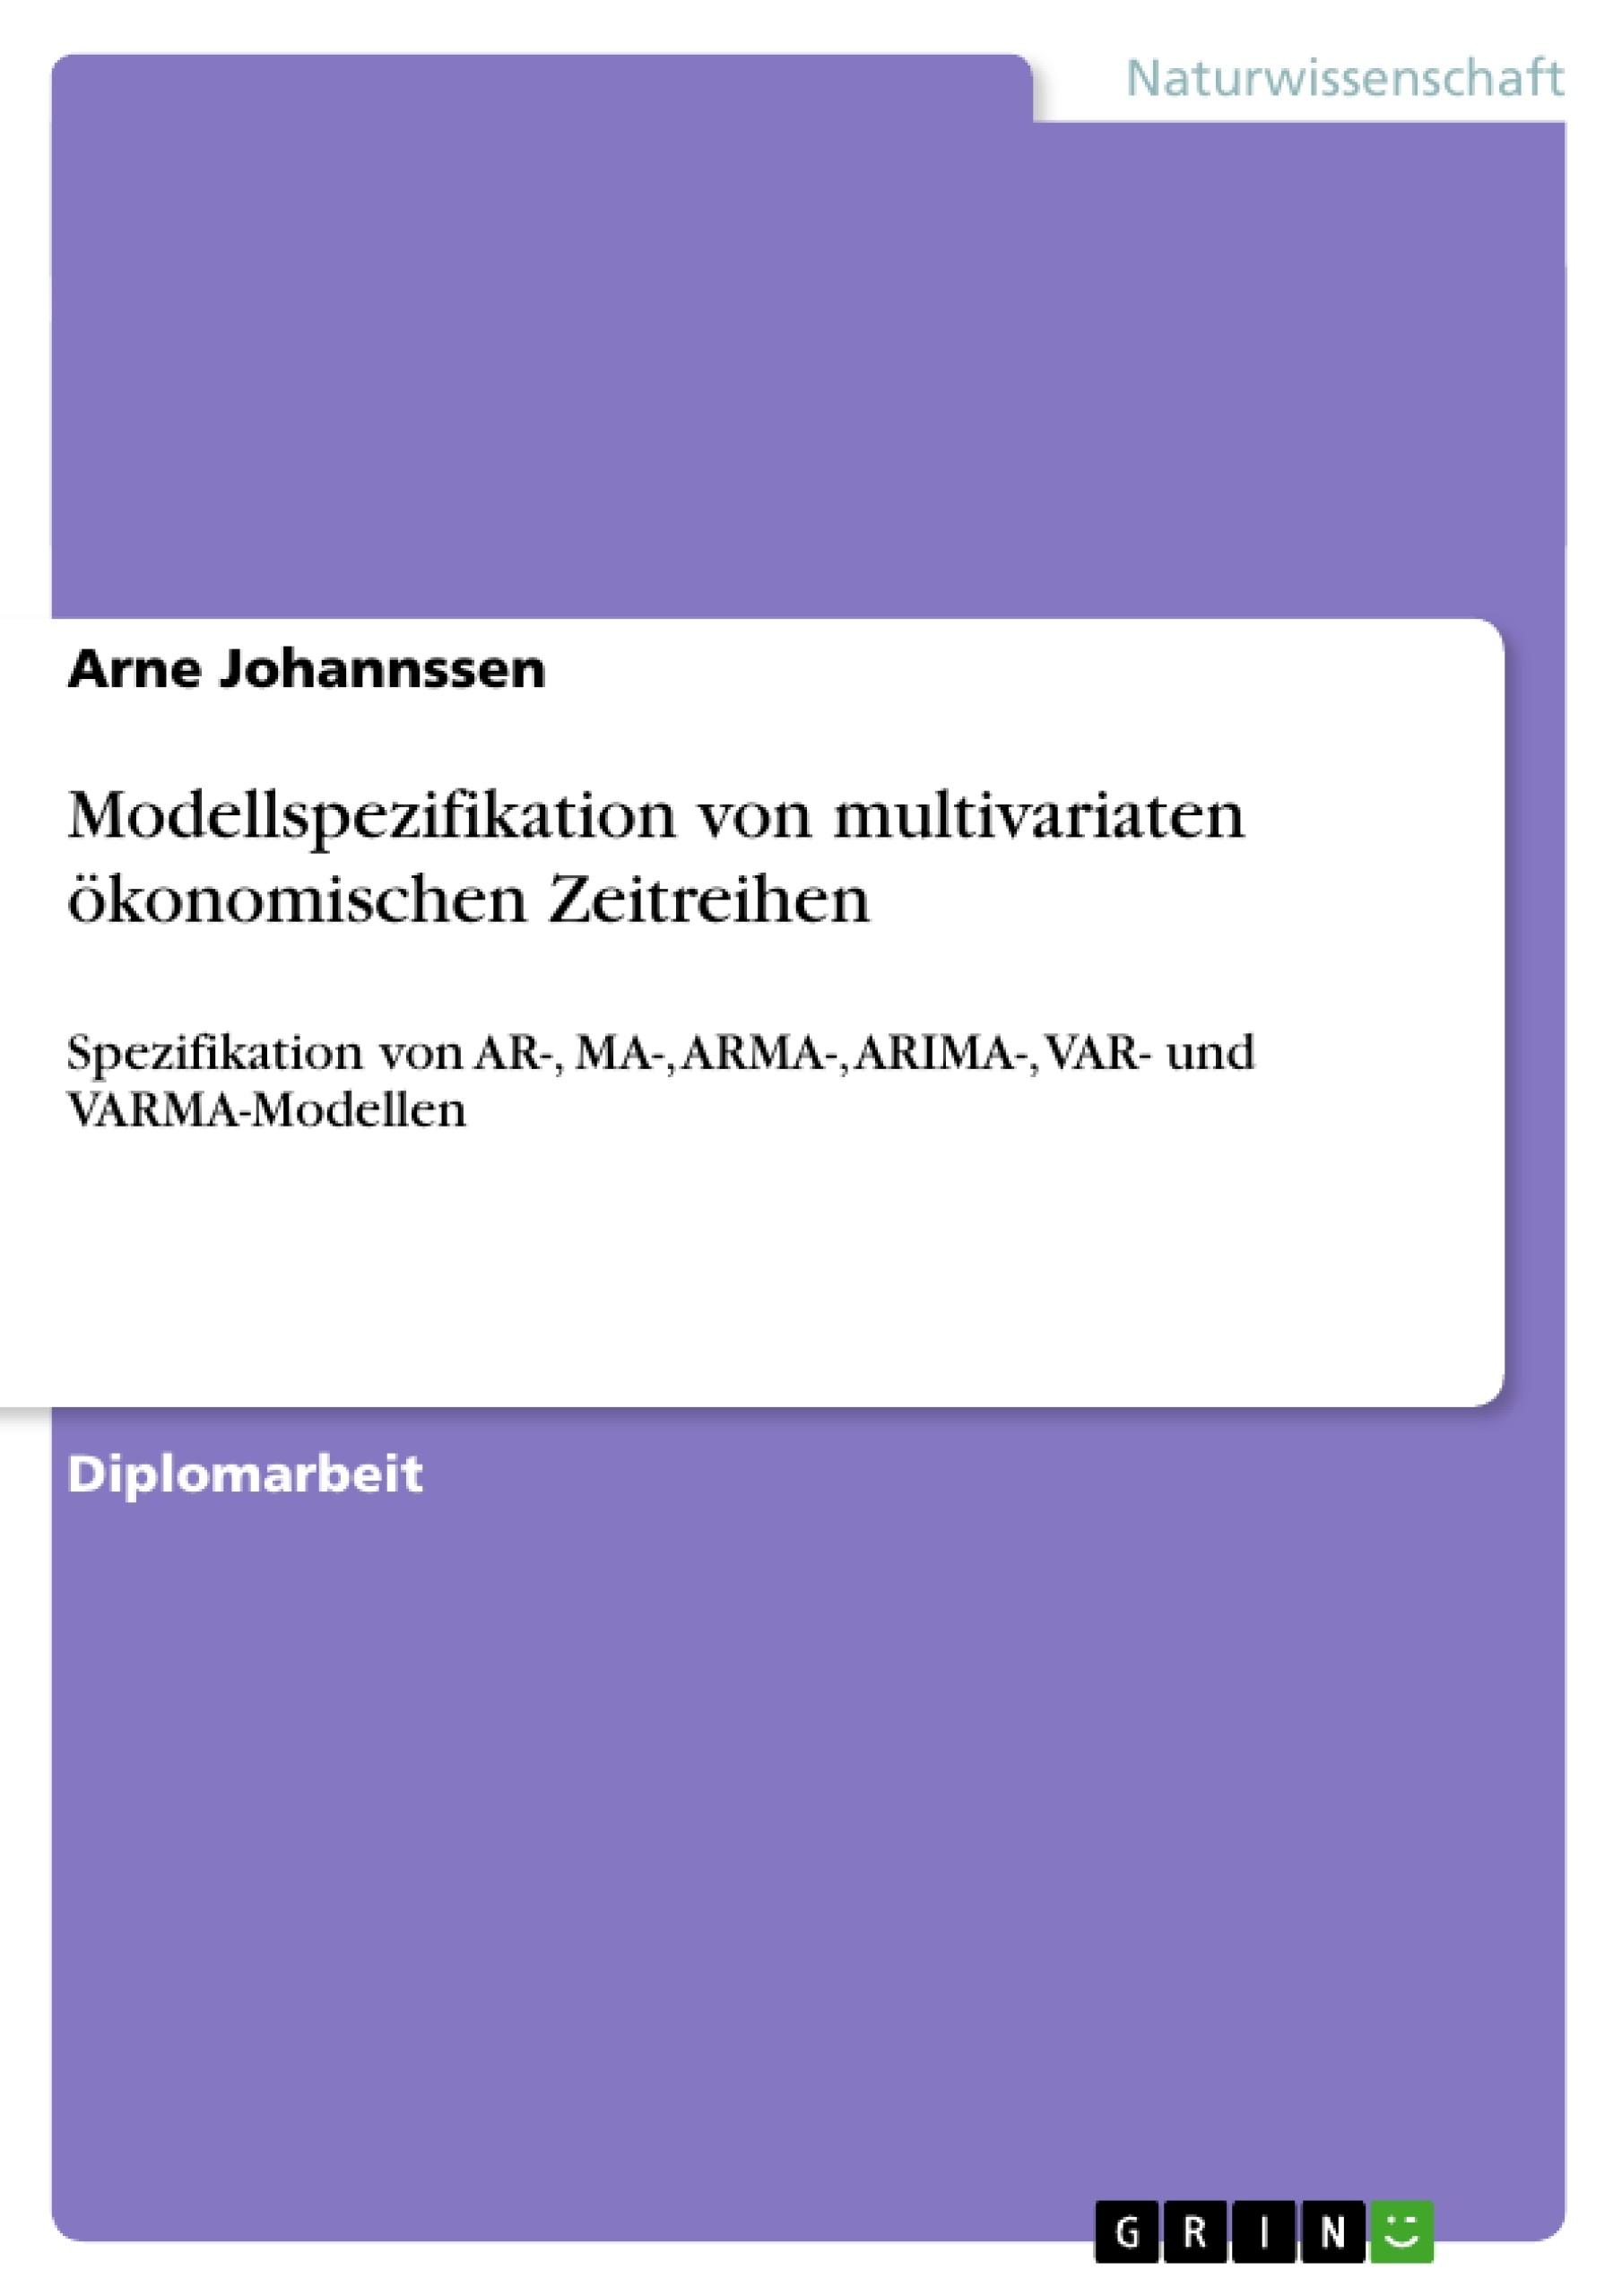 Titel: Modellspezifikation von multivariaten ökonomischen Zeitreihen